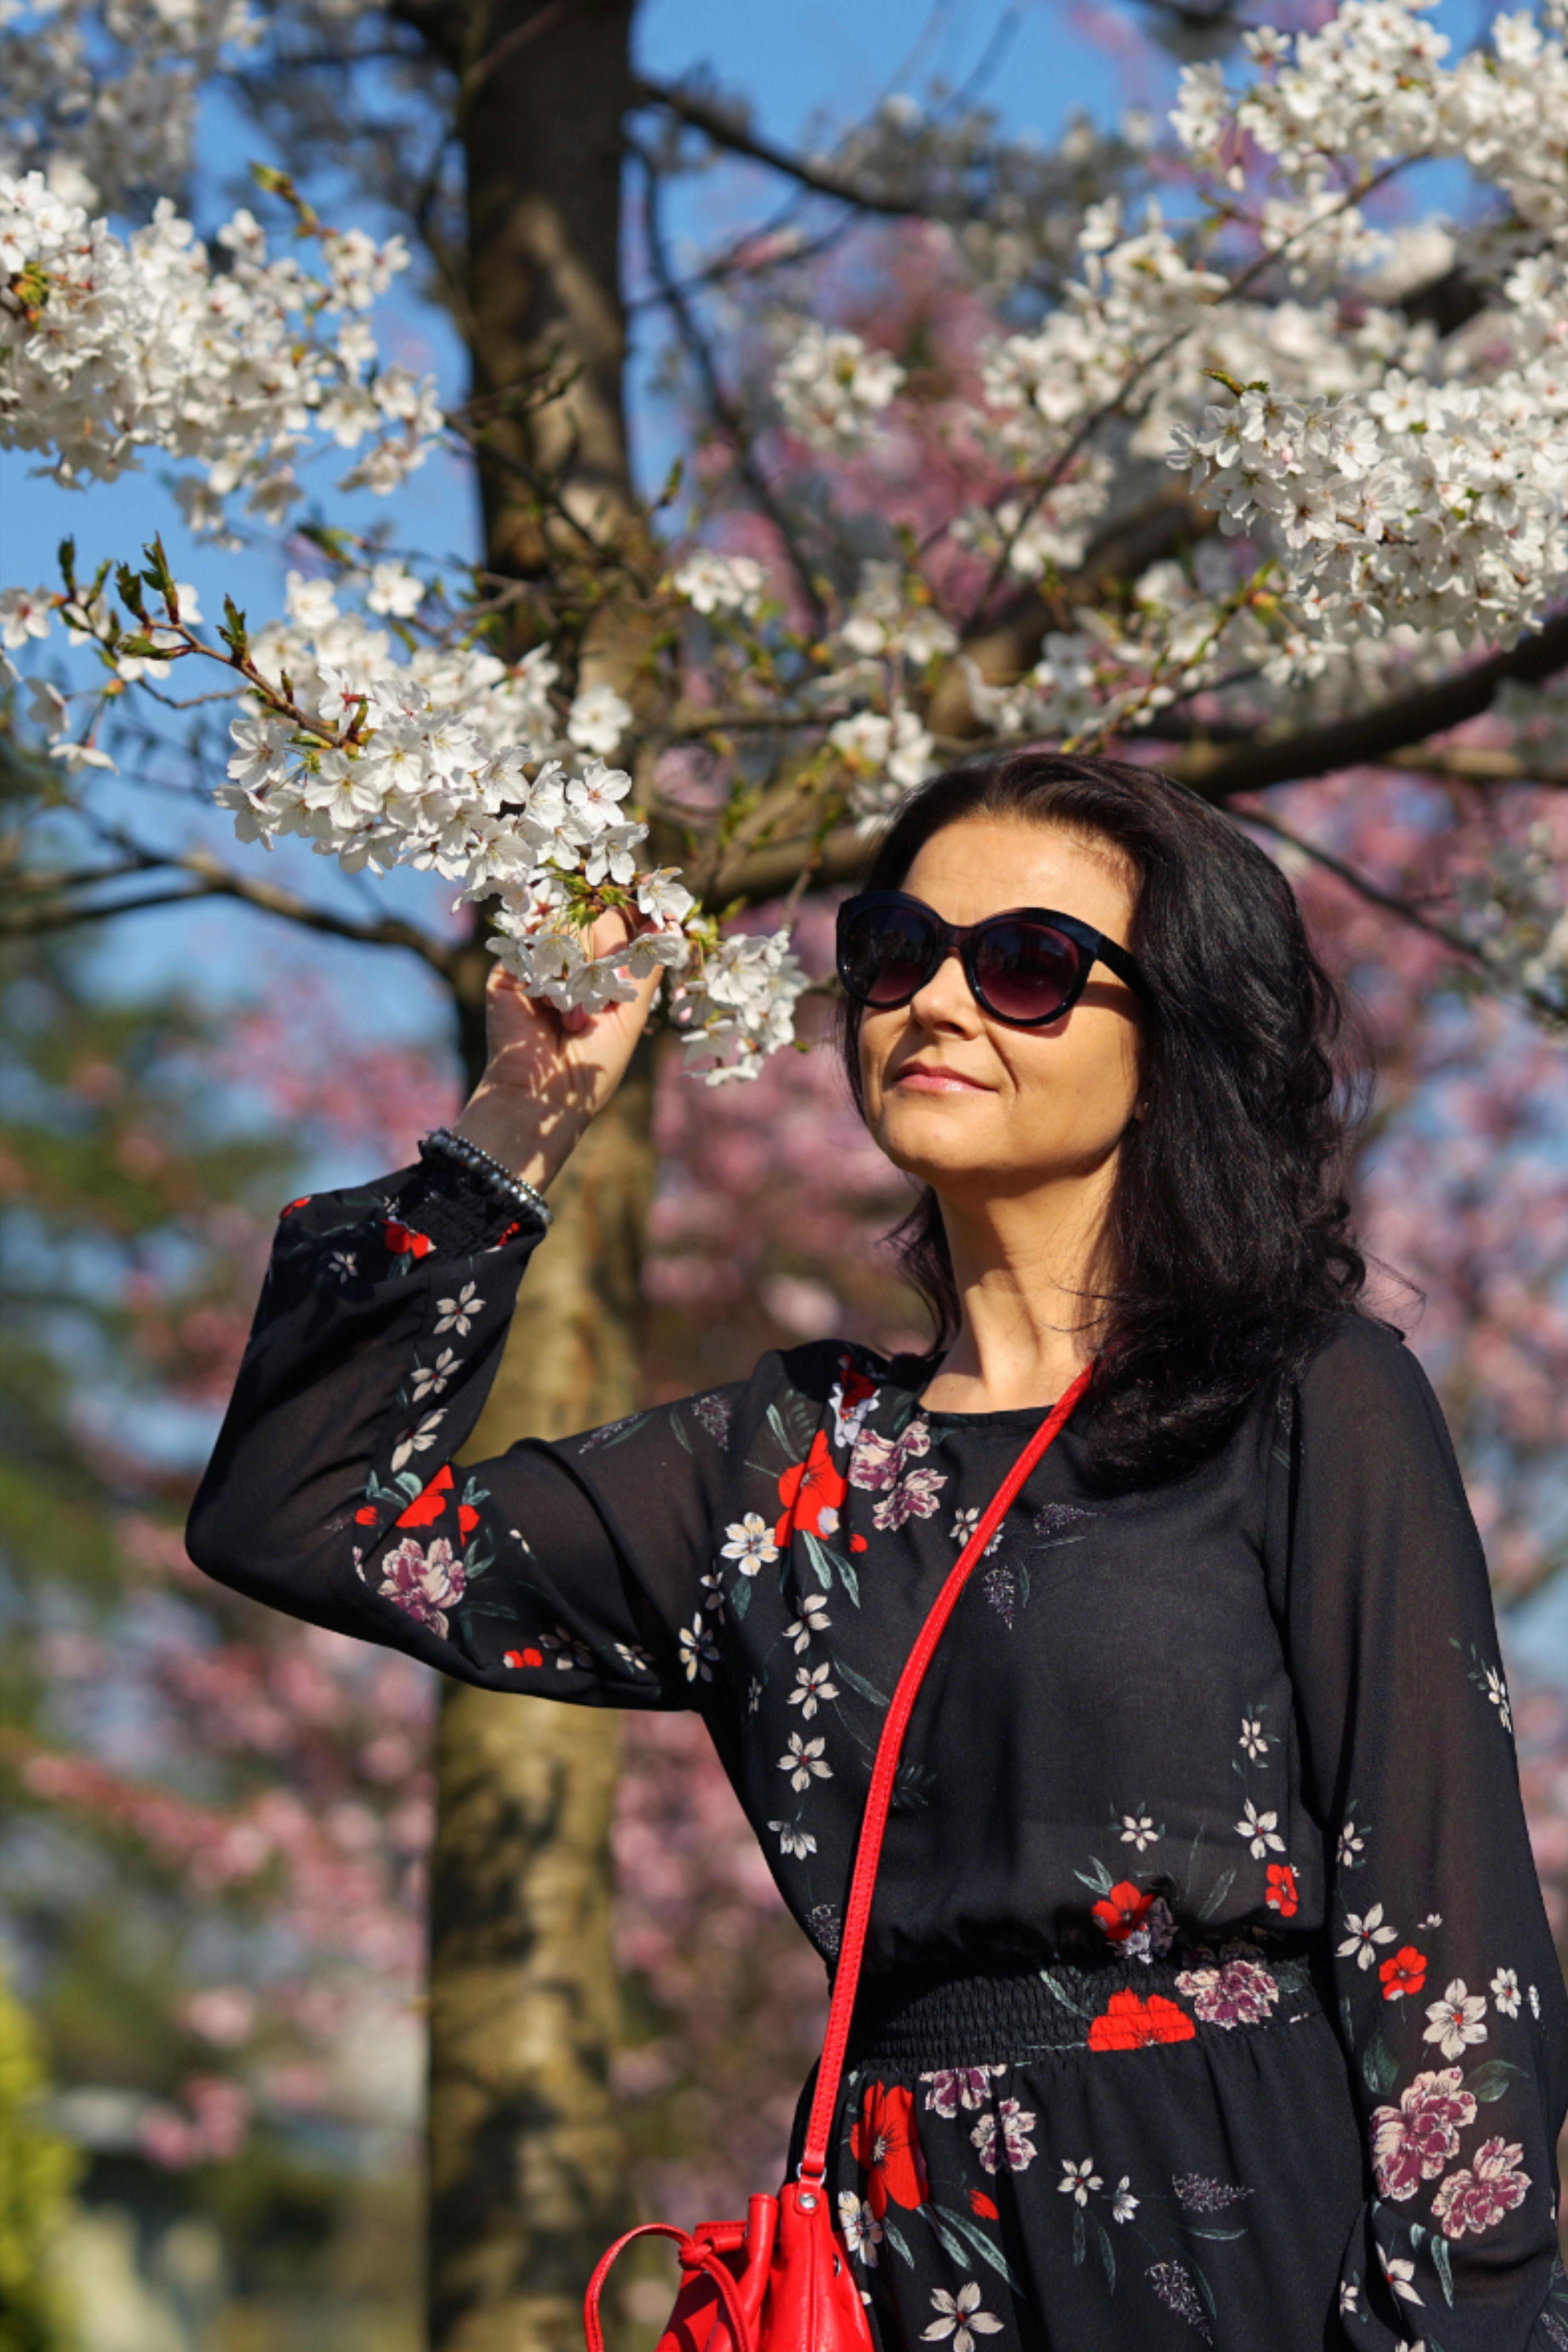 Endlich ist der Frühling da uns es ist Zeit für mein Blumenkleid! 🌸🌷🌱🌼 . . . .  . . #blumen #blumenkleid #flowerprint #flowers #cityphotography #flowerlover #frühling2020 #spring2020 #schweiz #blütenzauber #flowers #swissbloggerstyle #beautifulweather #springvibes #springfeeling #lifestyle #zurichcity #zurich #switzerland  #hellozurich #swissfashionblogger #swissinfluencer  #swissblogger #kirschbaum #cherryblossom #springiscoming